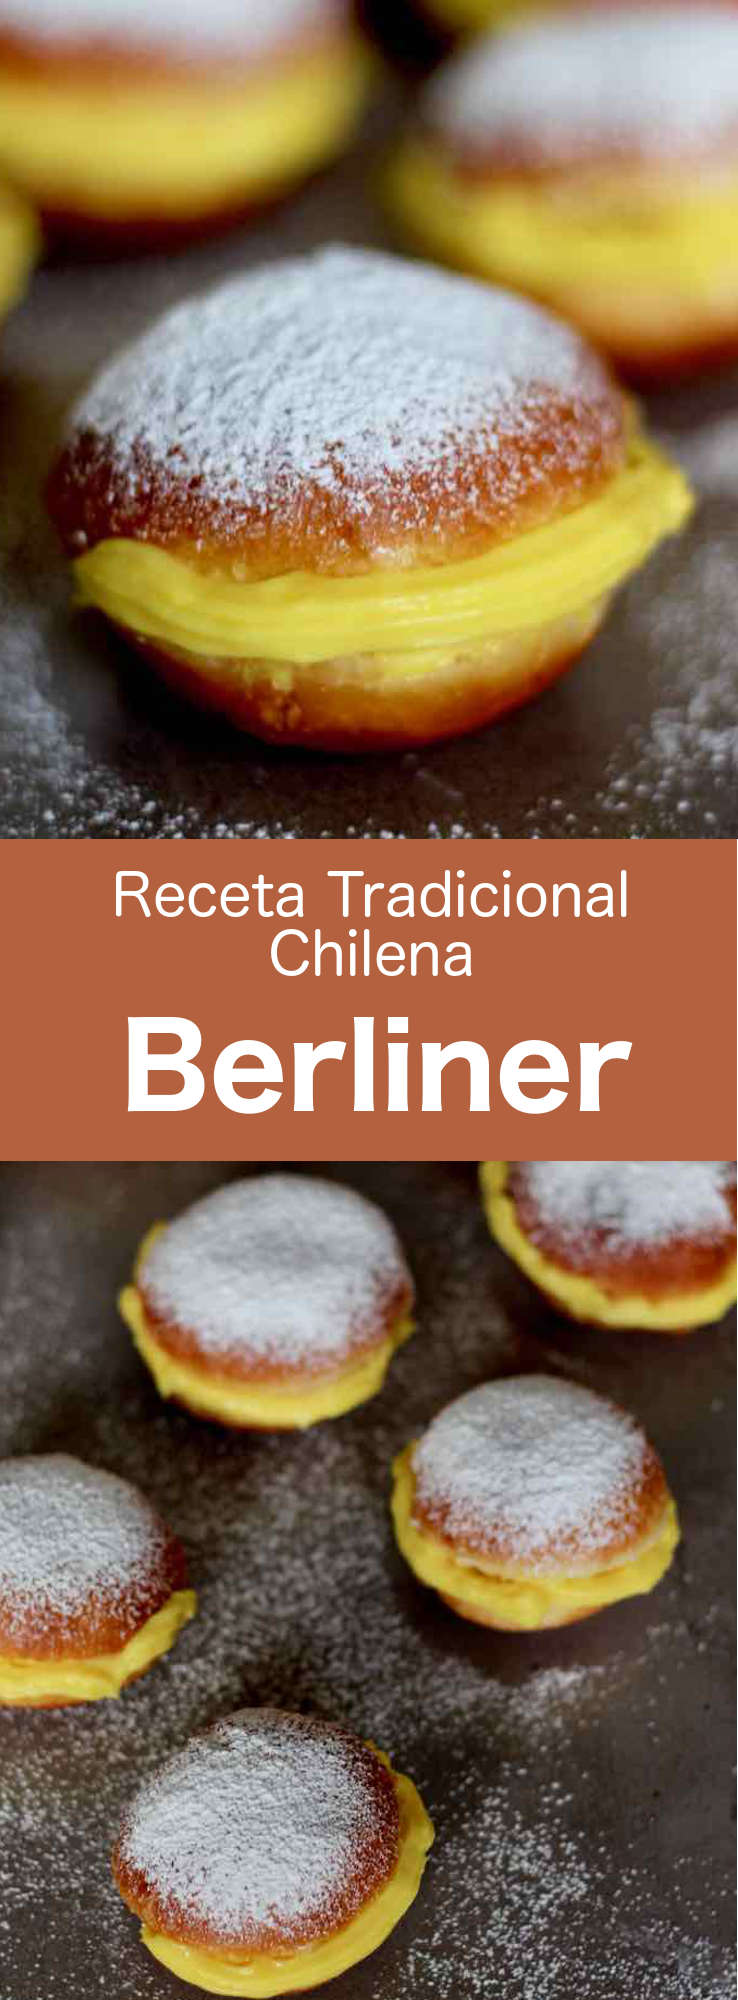 Los berlines son unos bollos de origen austro-alemán tradicionalmente rellenos de crema, que son muy populares en Chile y otros países latinoamericanos.